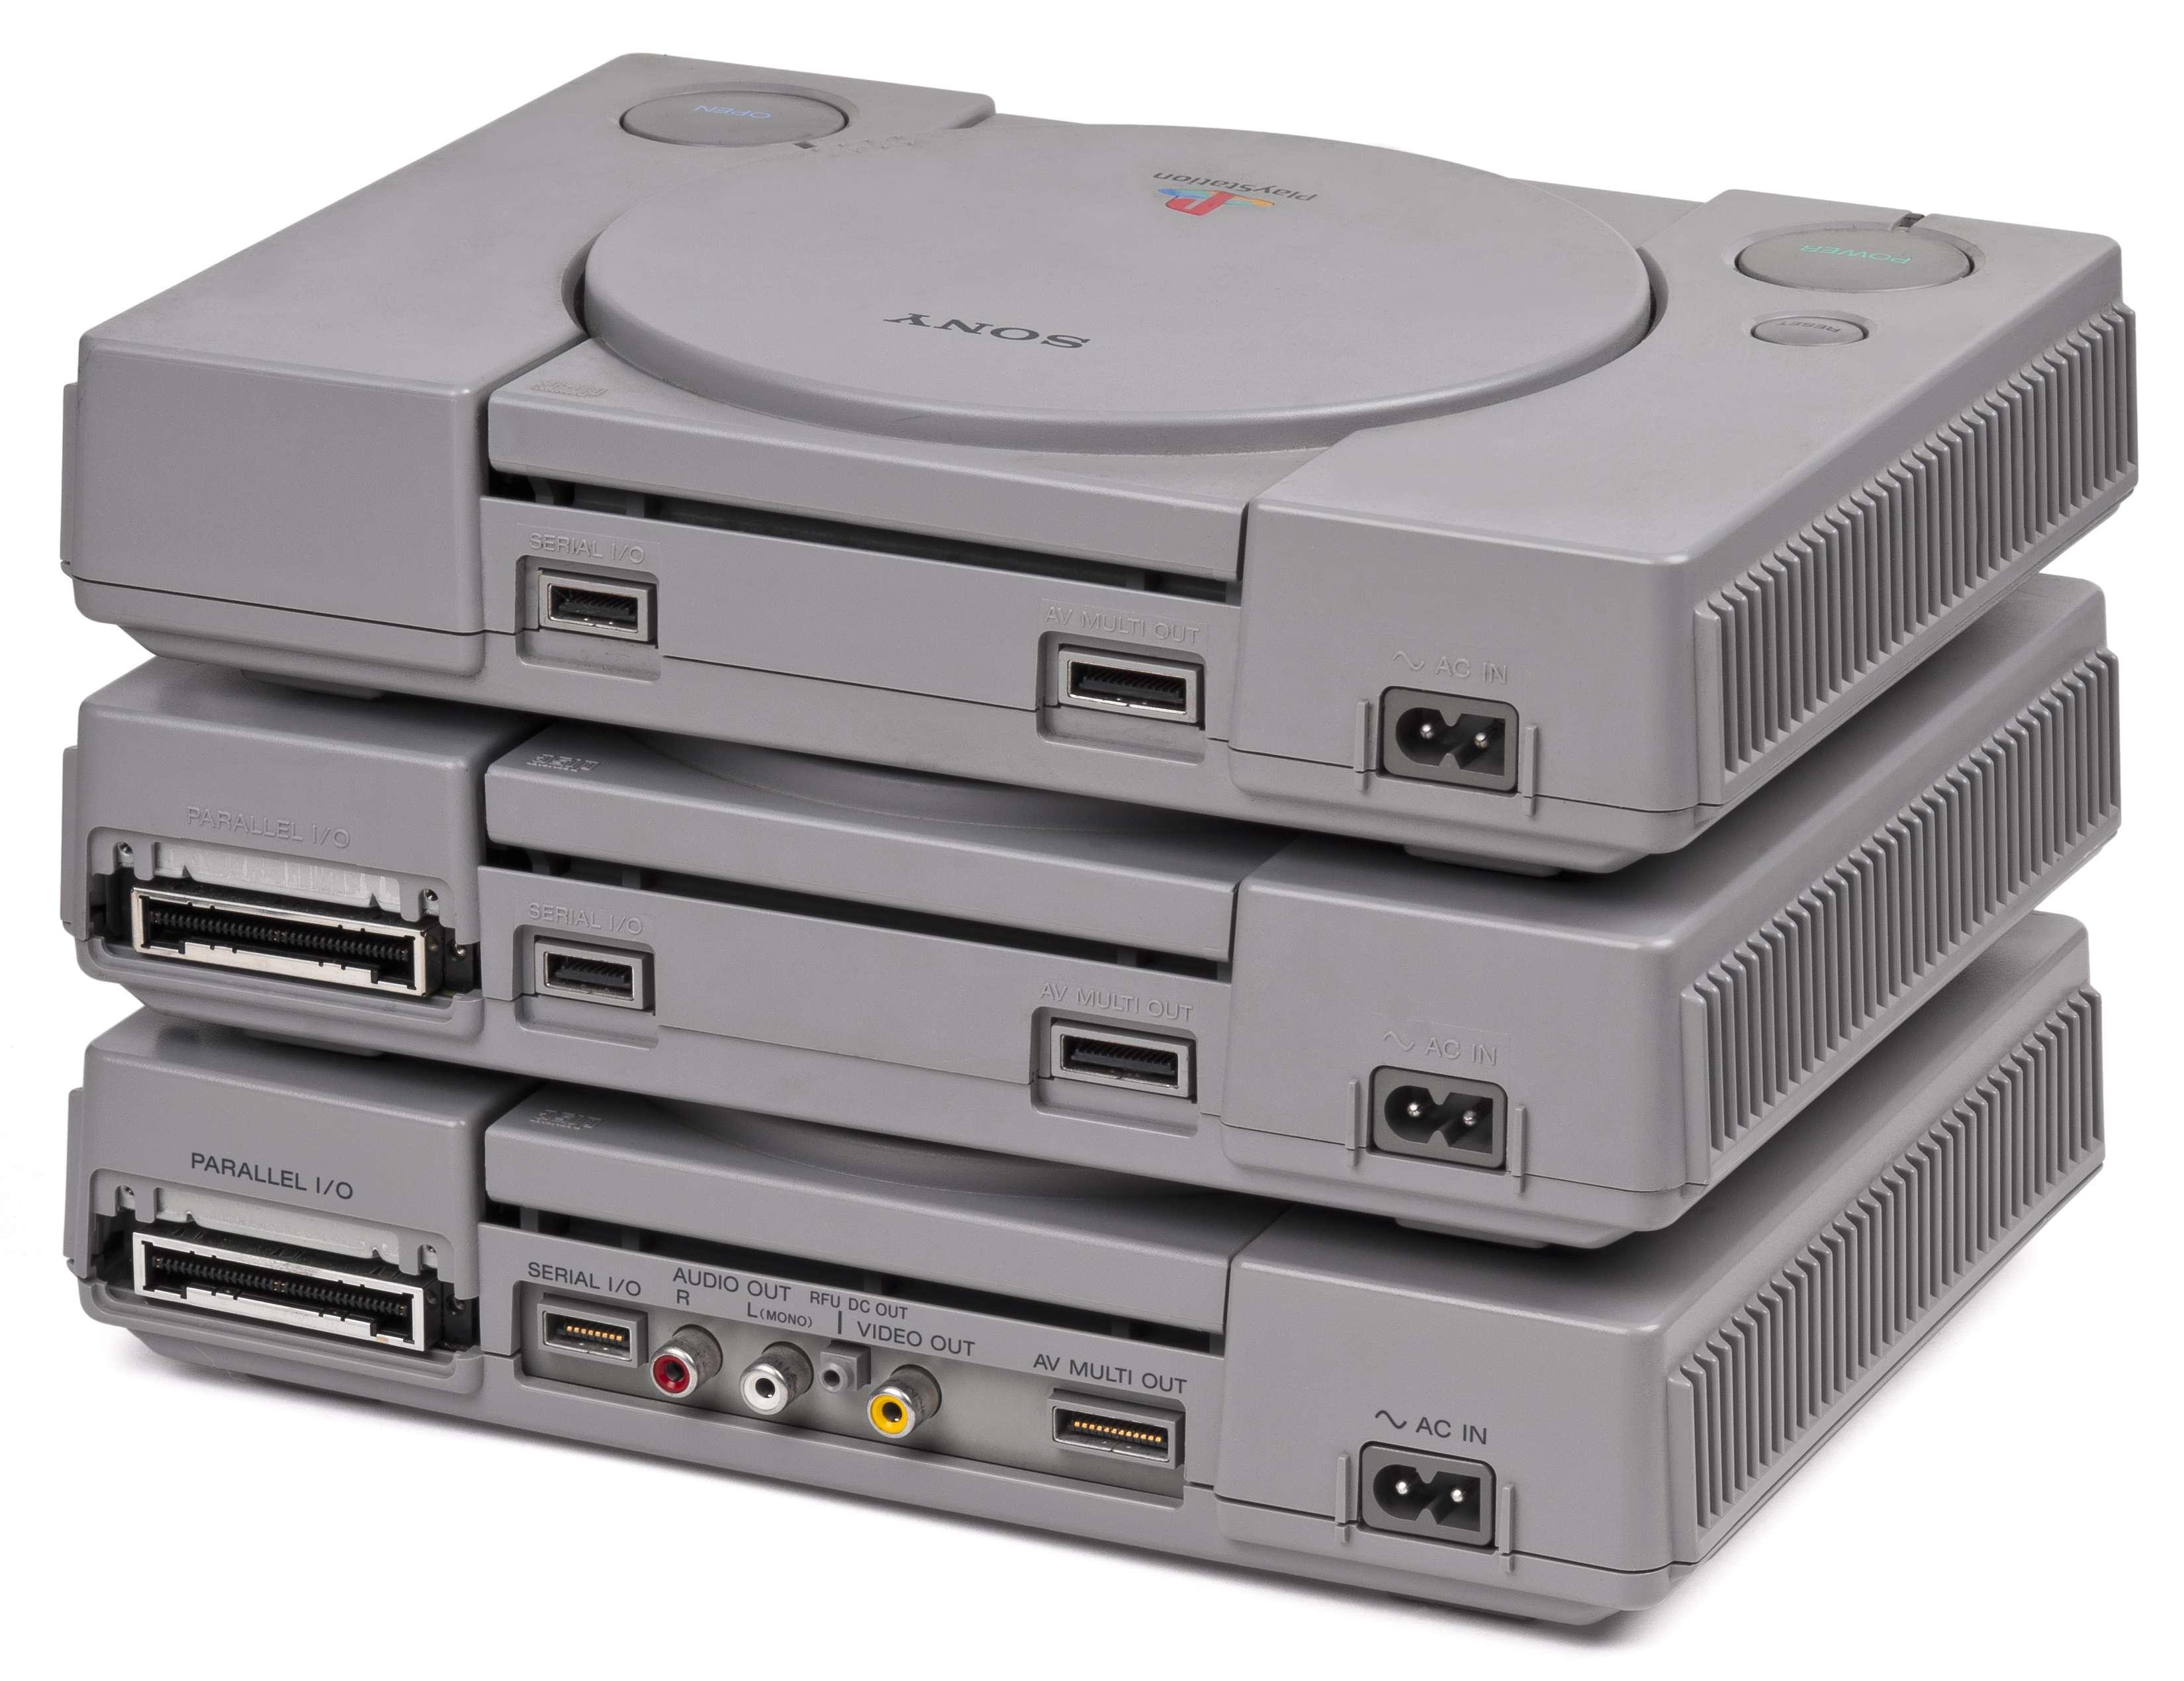 Sony Playstation 1 Scph 1002 Lector De Cd De Alta Fidelidad Zona De Pruebas